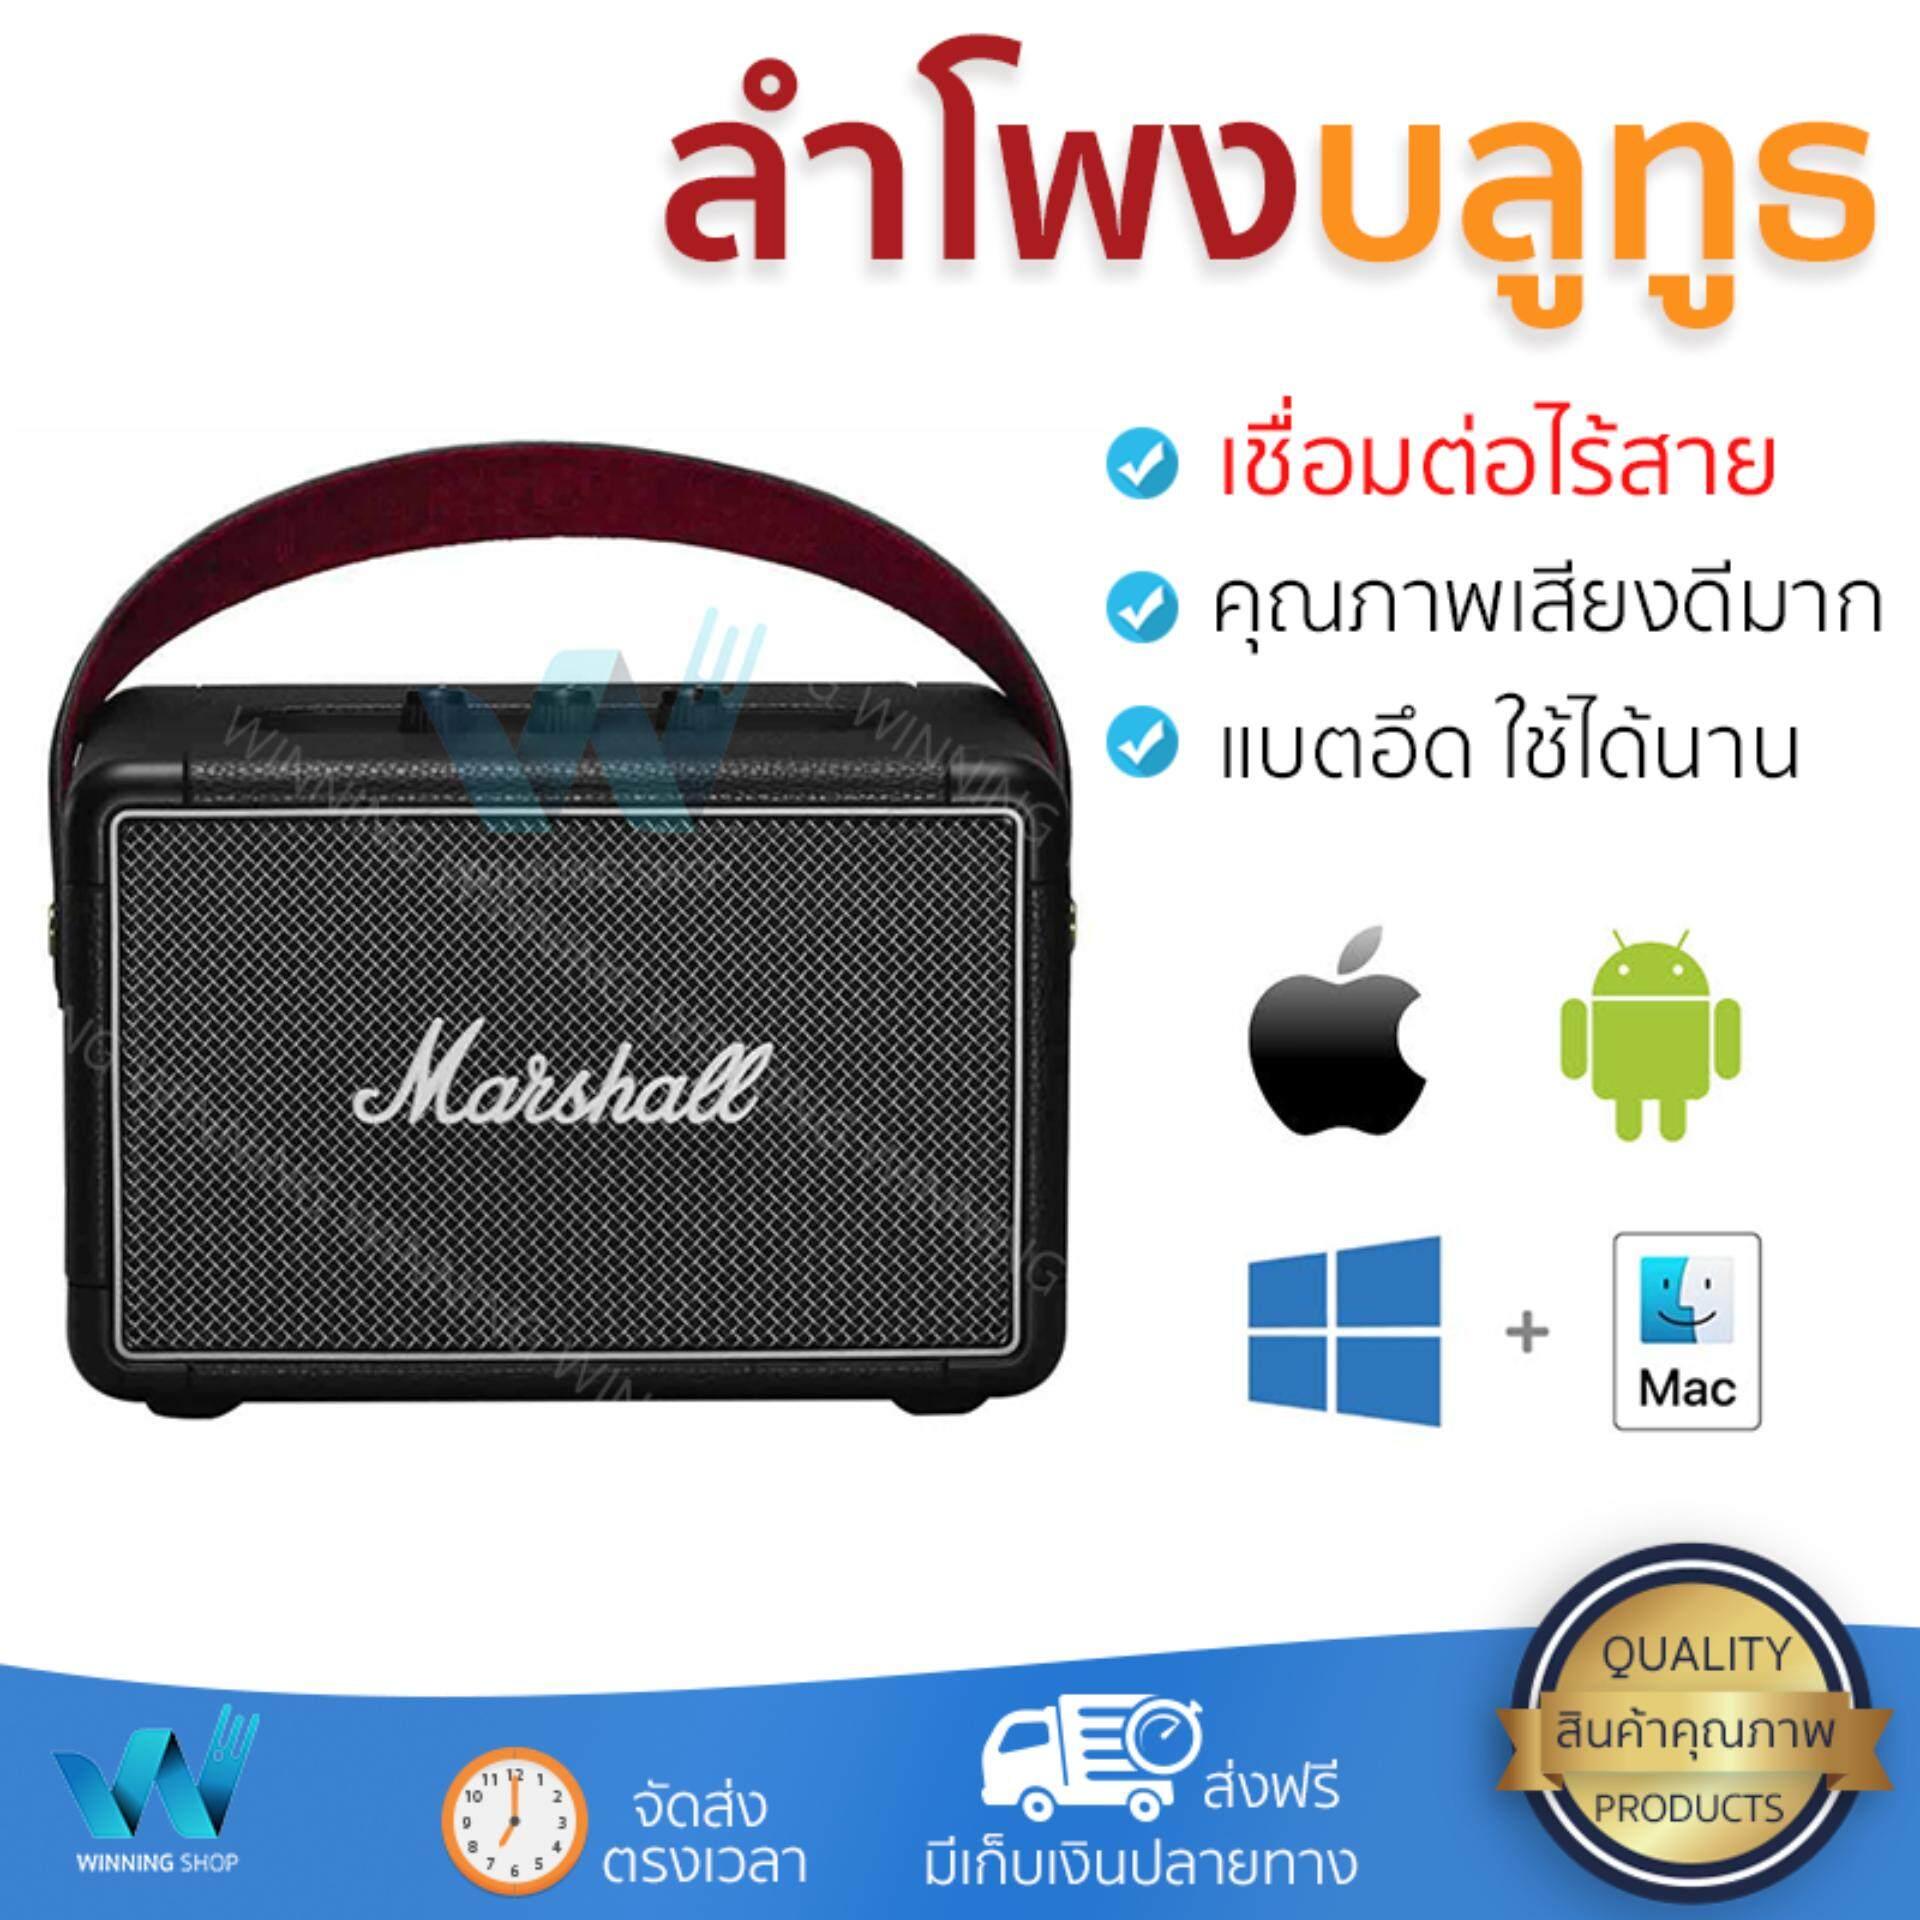 สอนใช้งาน  จัดส่งฟรี ลำโพงบลูทูธ  Marshall Bluetooth Speaker 2.1 Kilburn II Black เสียงใส คุณภาพเกินตัว Wireless Bluetooth Speaker รับประกัน 1 ปี